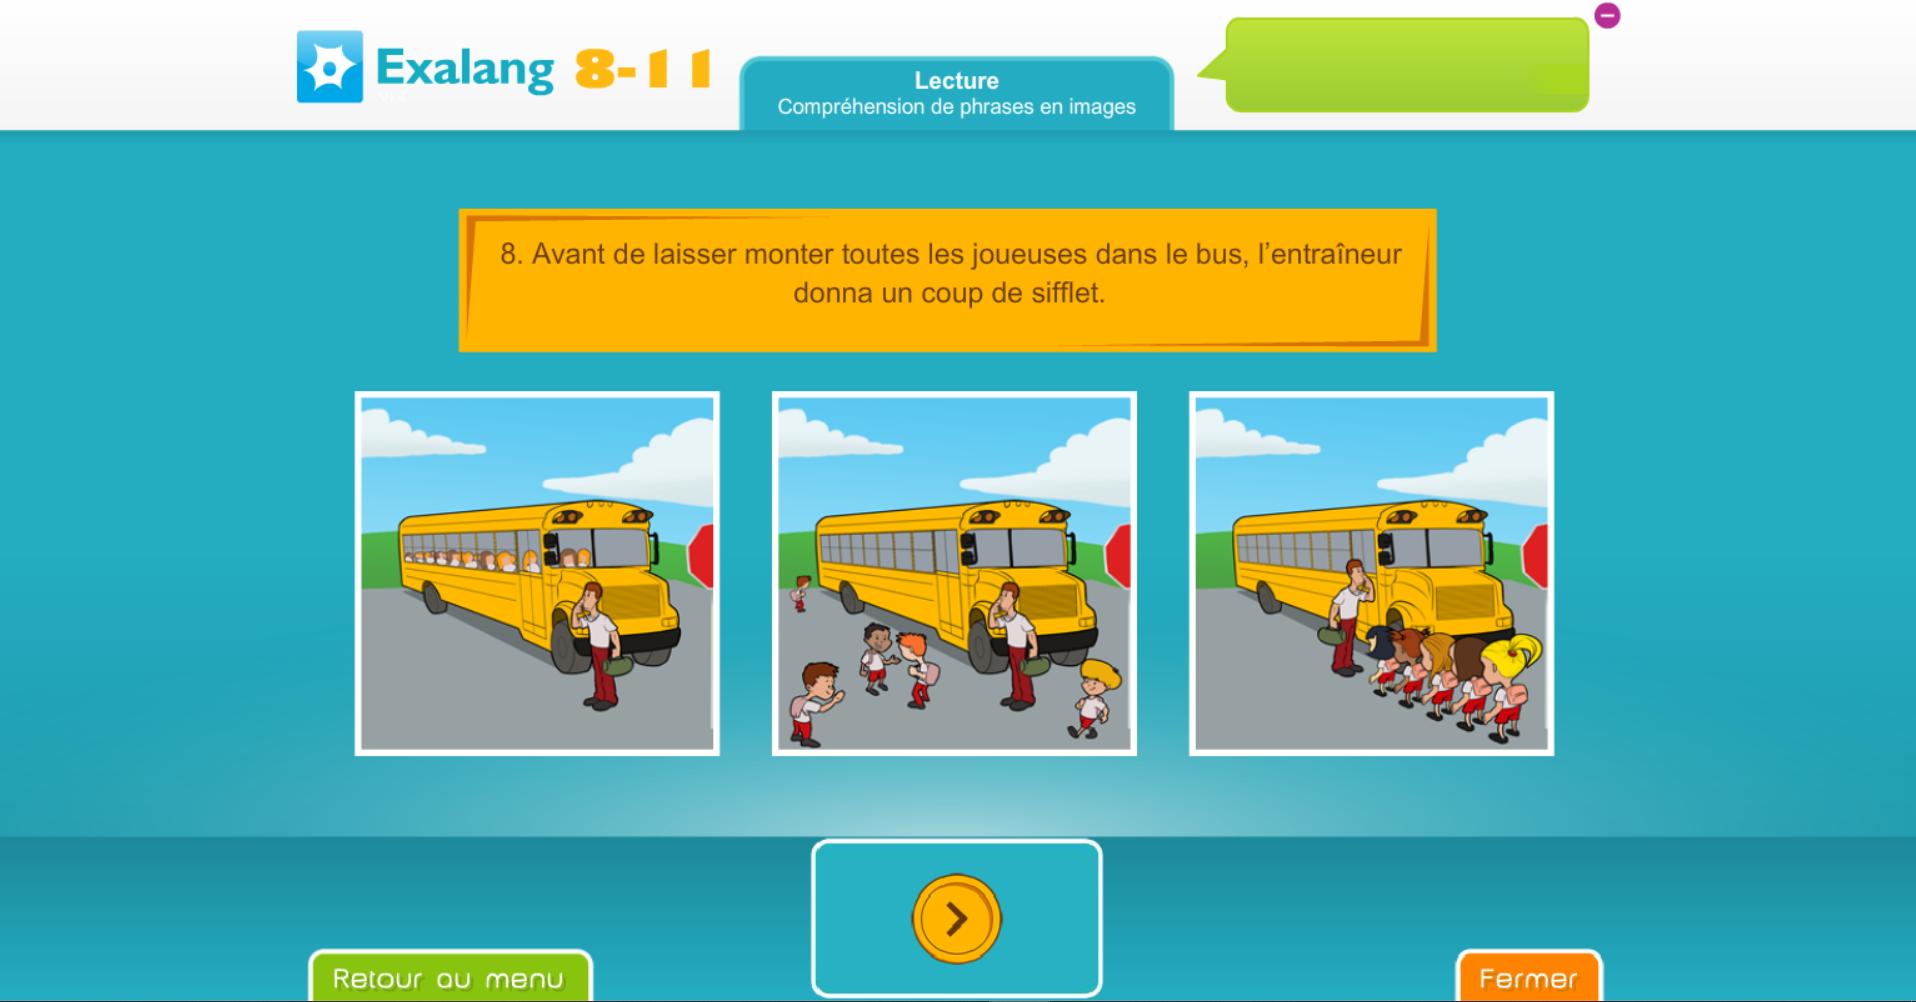 Exalang 8 11 batterie informatisée et logiciel de bilan de langage oral et écrit et test de langage des enfants de 8 à 11 ans : CE2, CM1, CM2, 6eme - compréhension de phrases en image et lecture